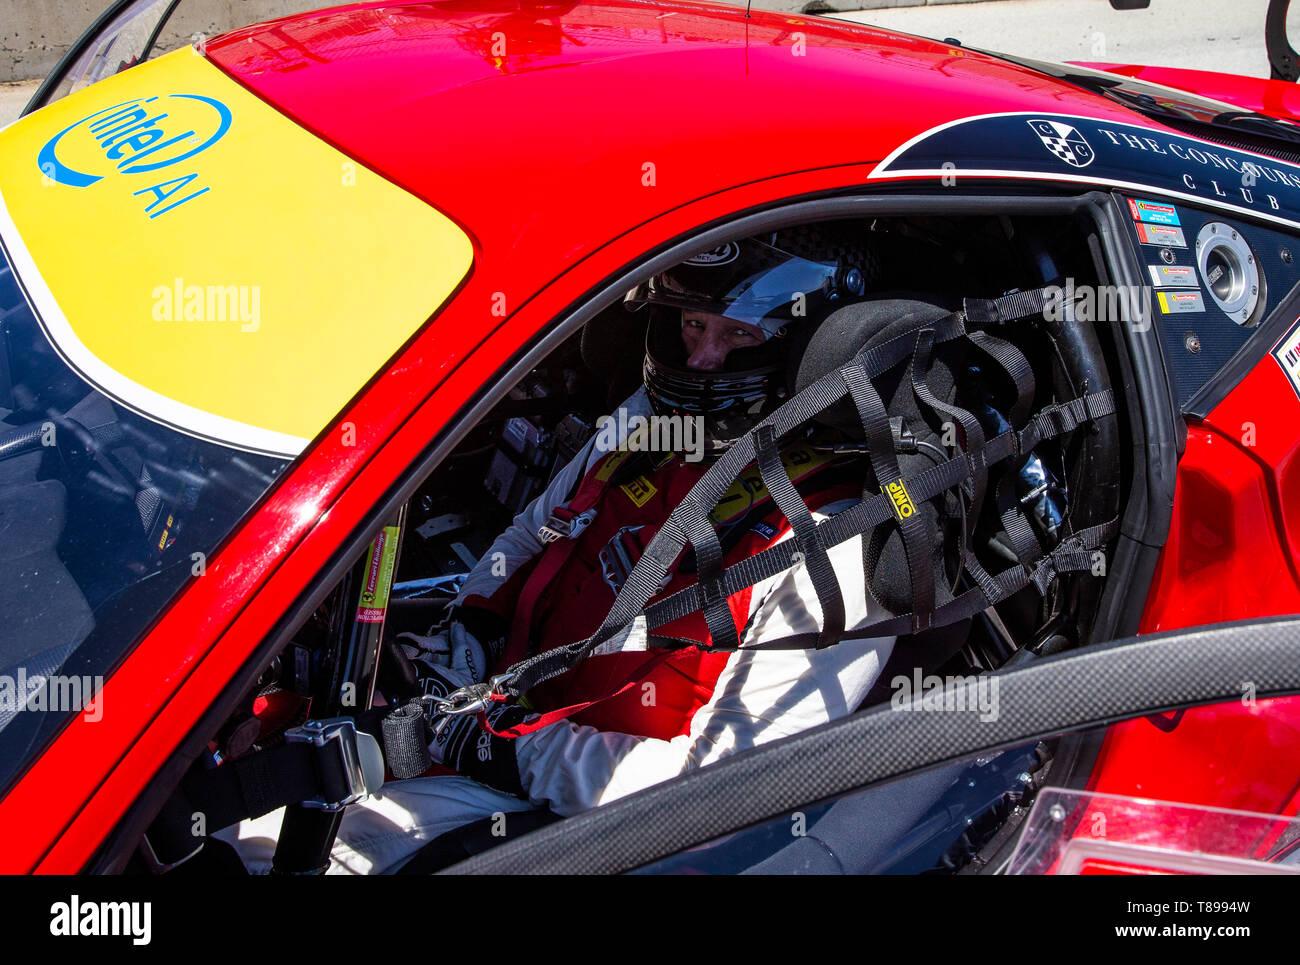 Monterey Kalifornien Usa 11 Mai 2019 Ferrari Challenge Rennen 1 S N Pm 163 Jay Schreibman